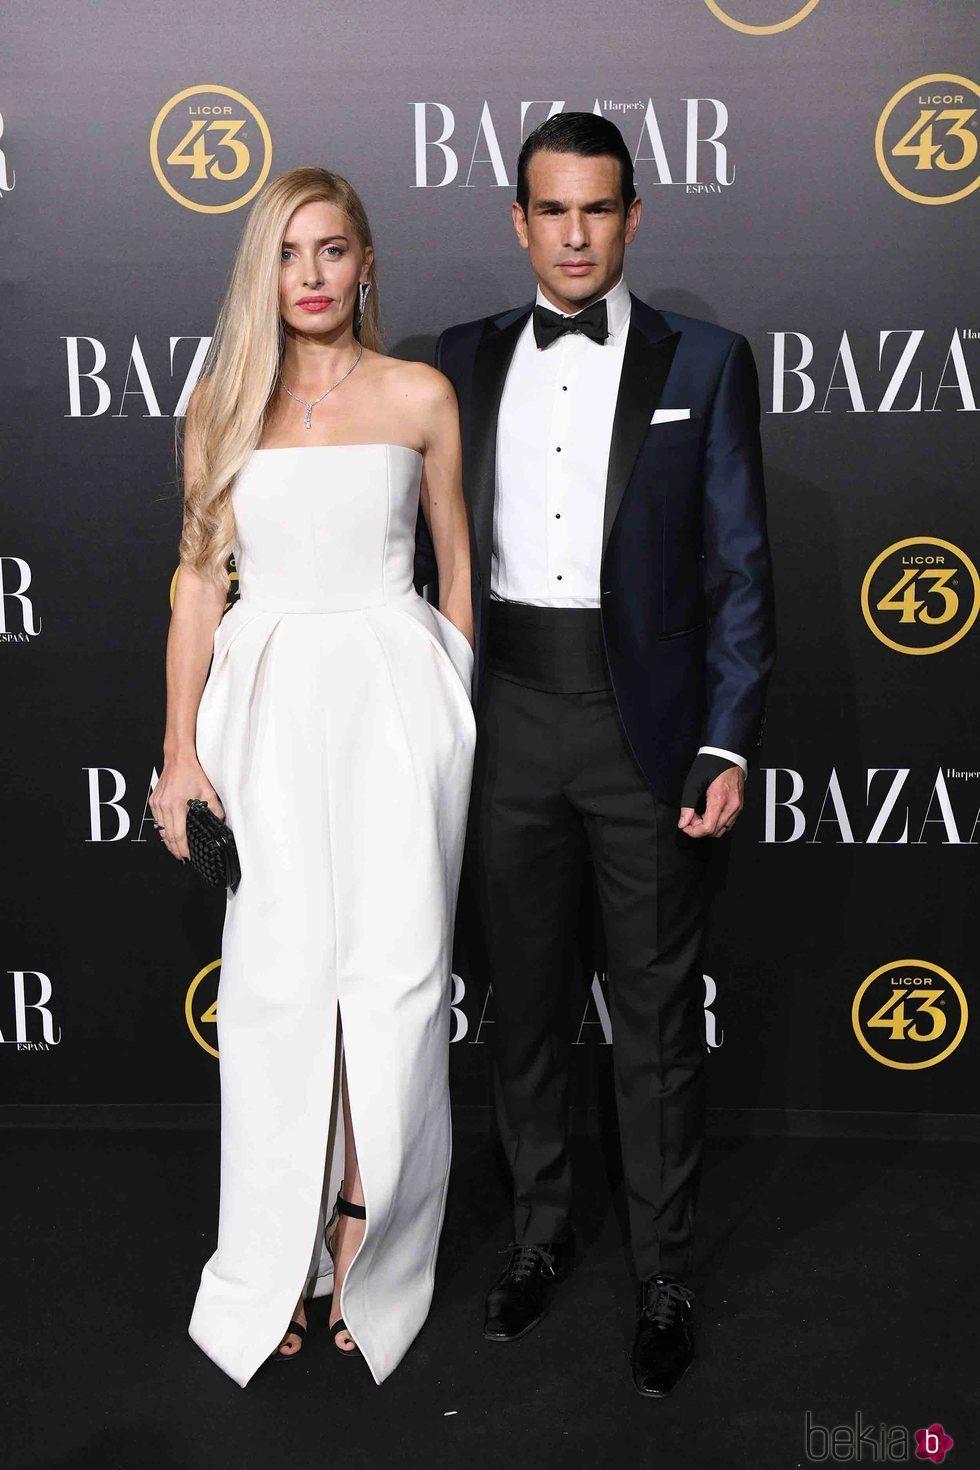 Rocío Escalena y José María Manzanares en los premios Harper's Bazaar 2019